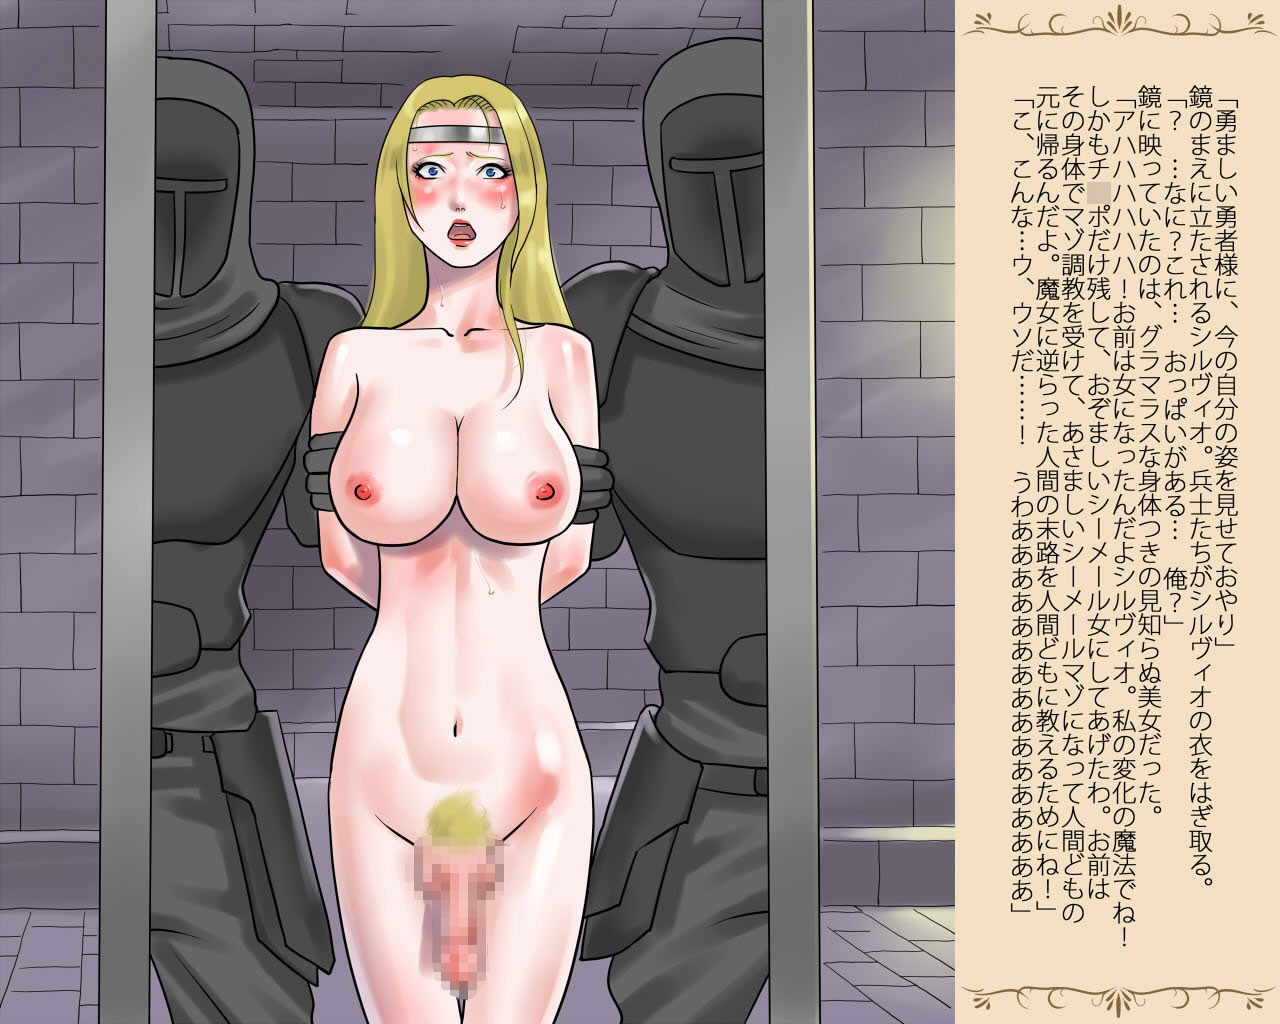 女体化された勇者様・恥辱の変態射精奴隷 ver1.4